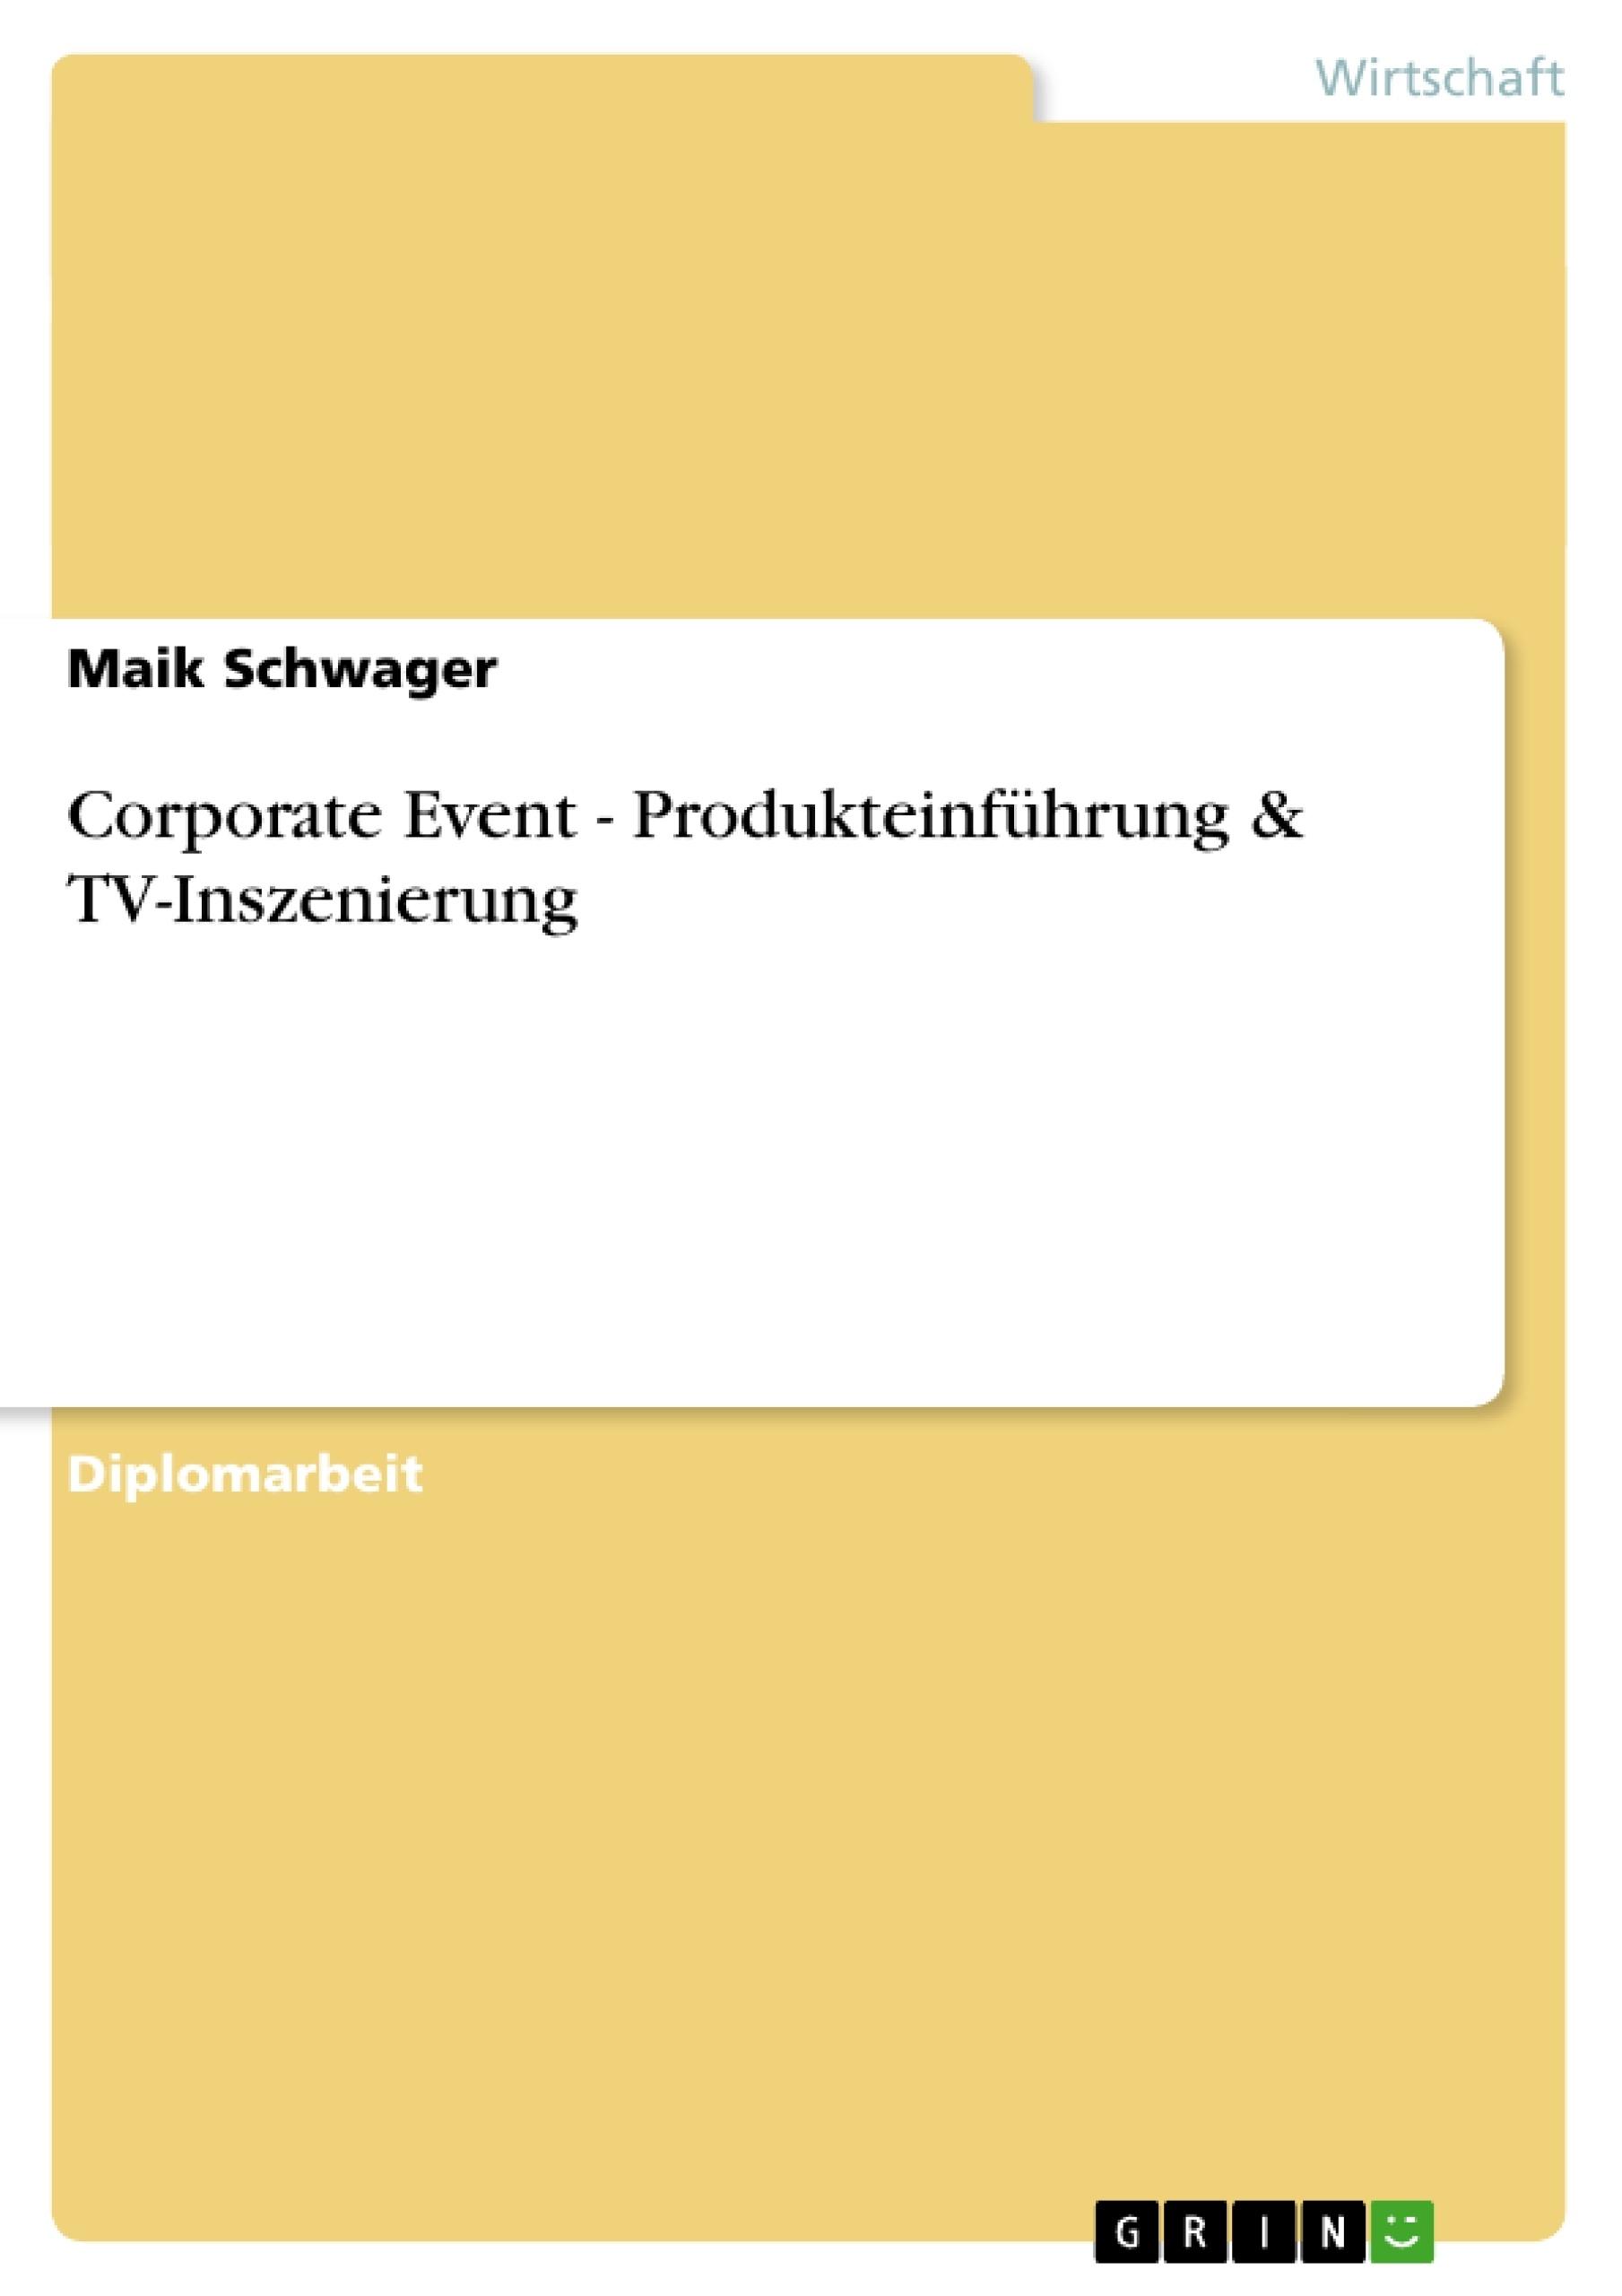 Titel: Corporate Event - Produkteinführung & TV-Inszenierung